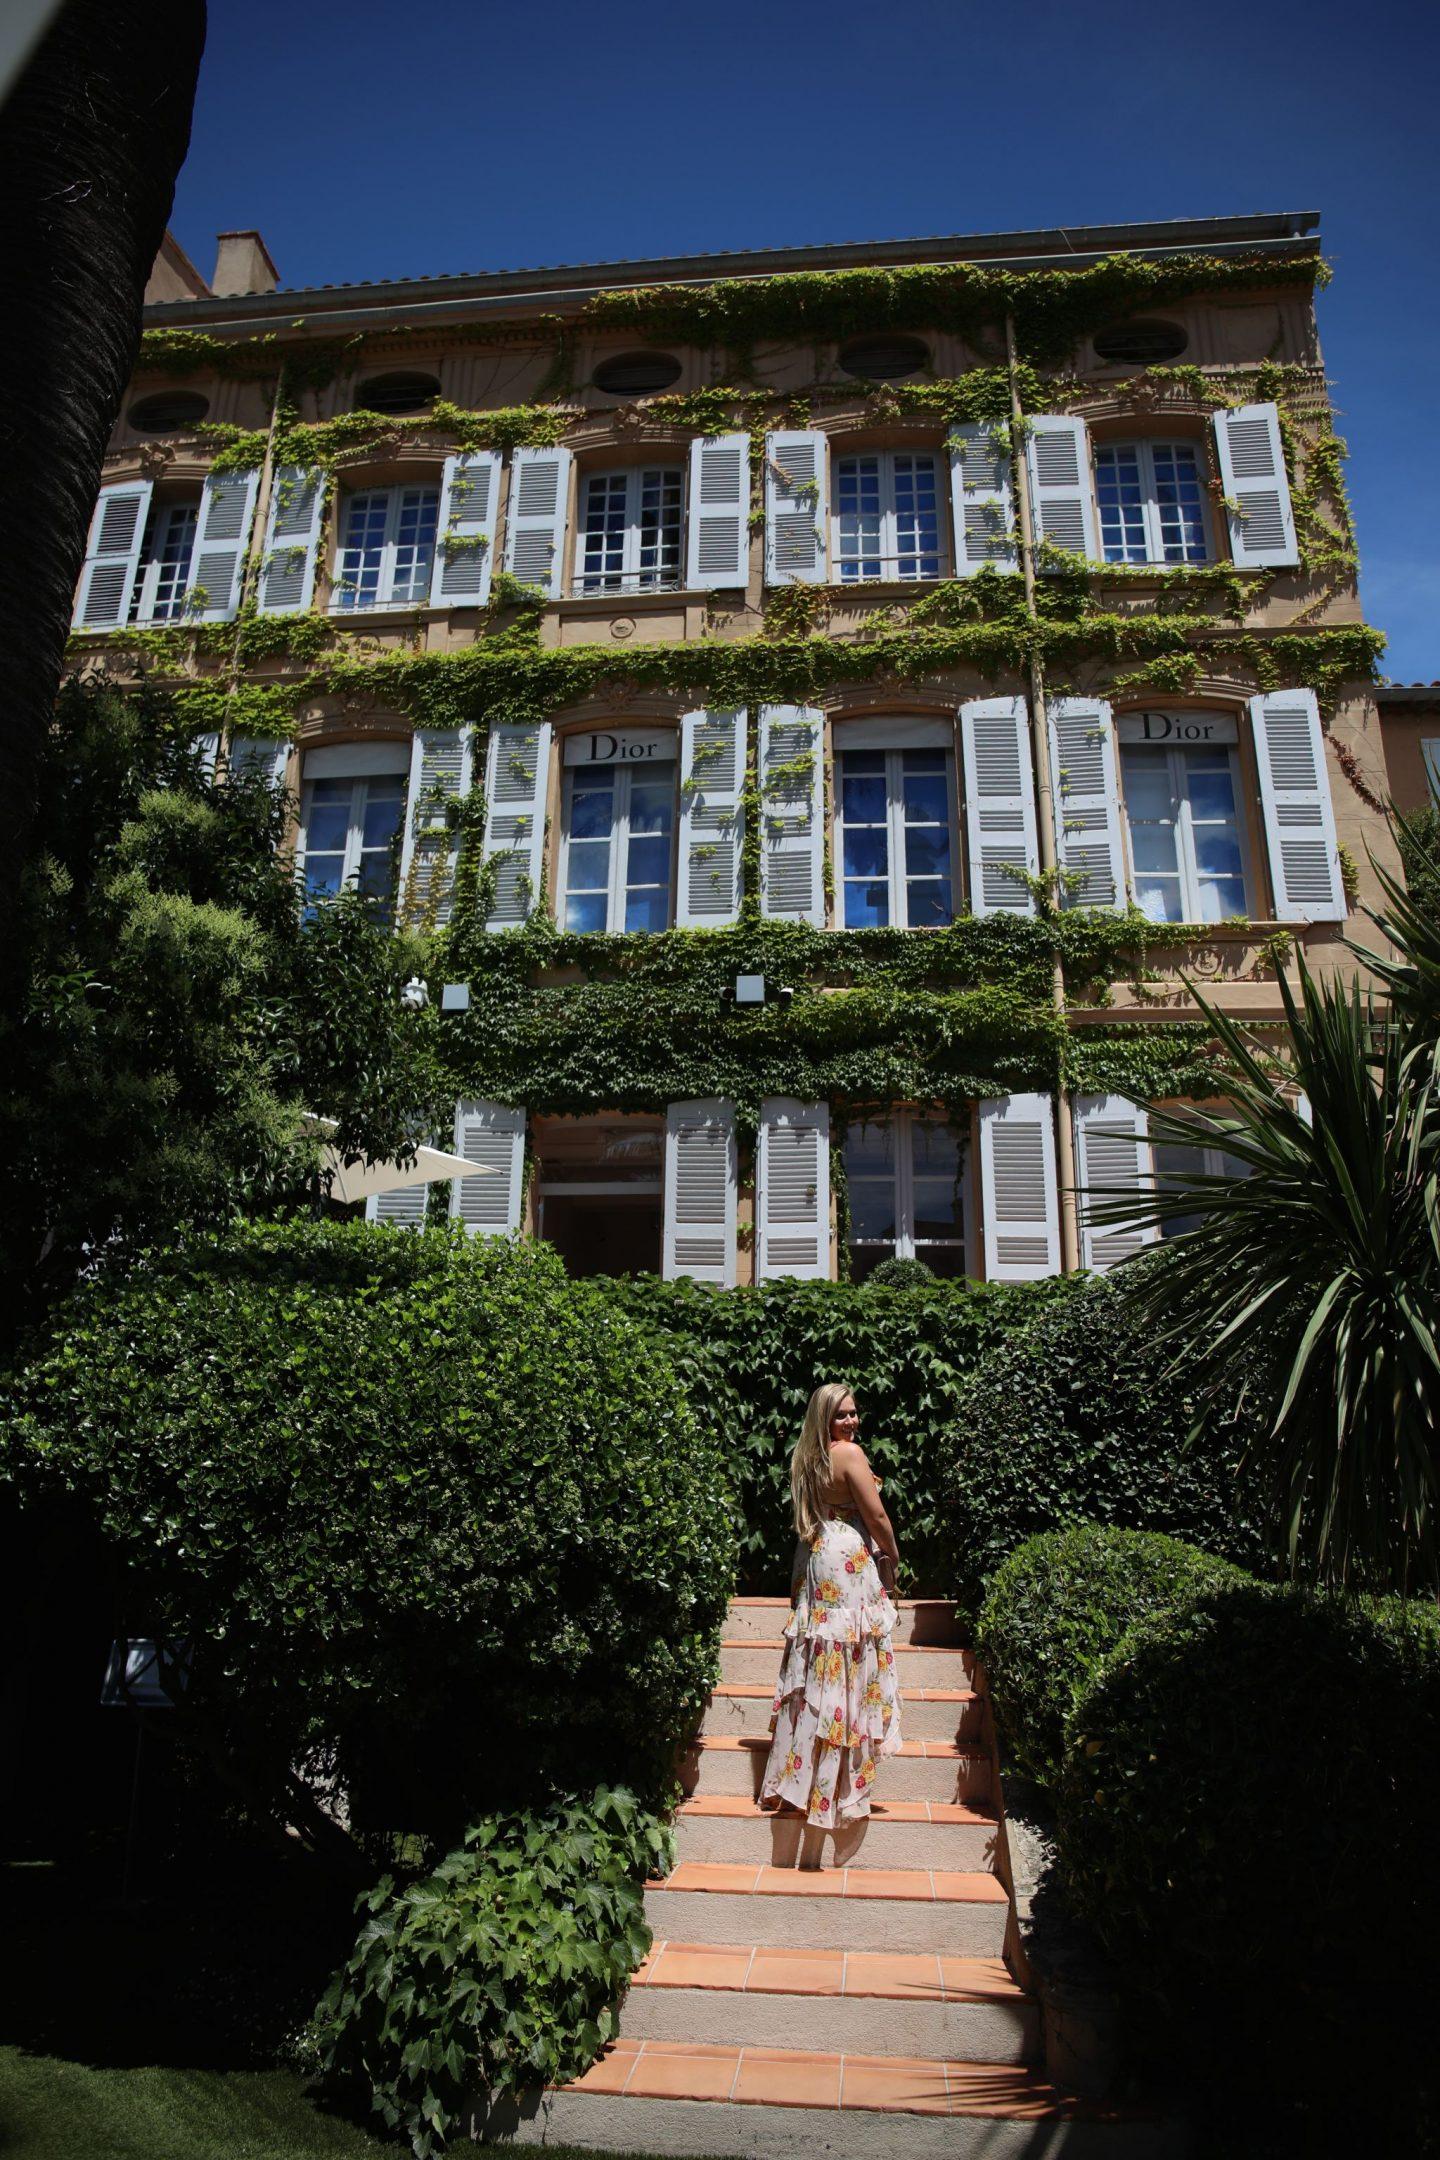 St Tropez Town, France, Katie KALANCHOE